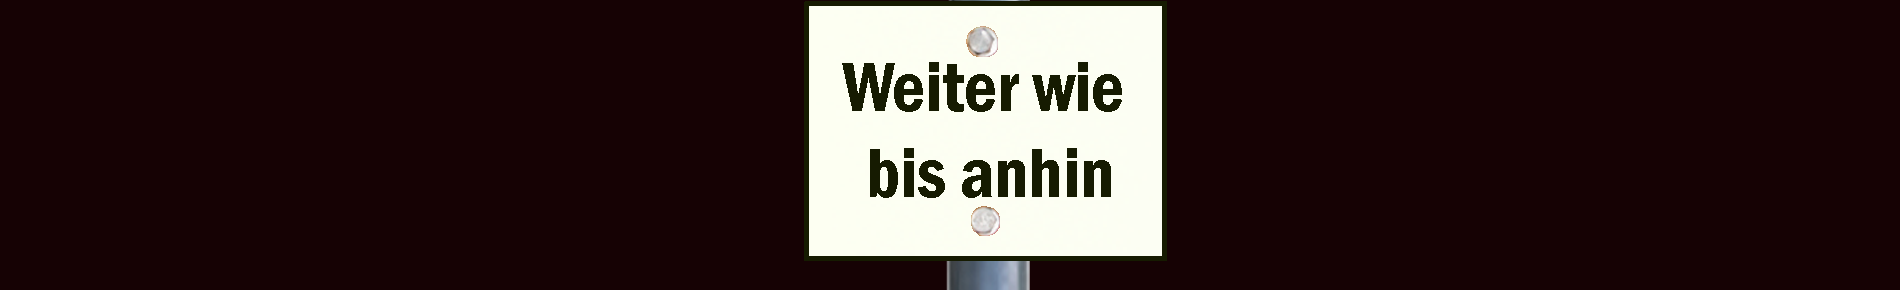 WW_WeiterwieAnhin